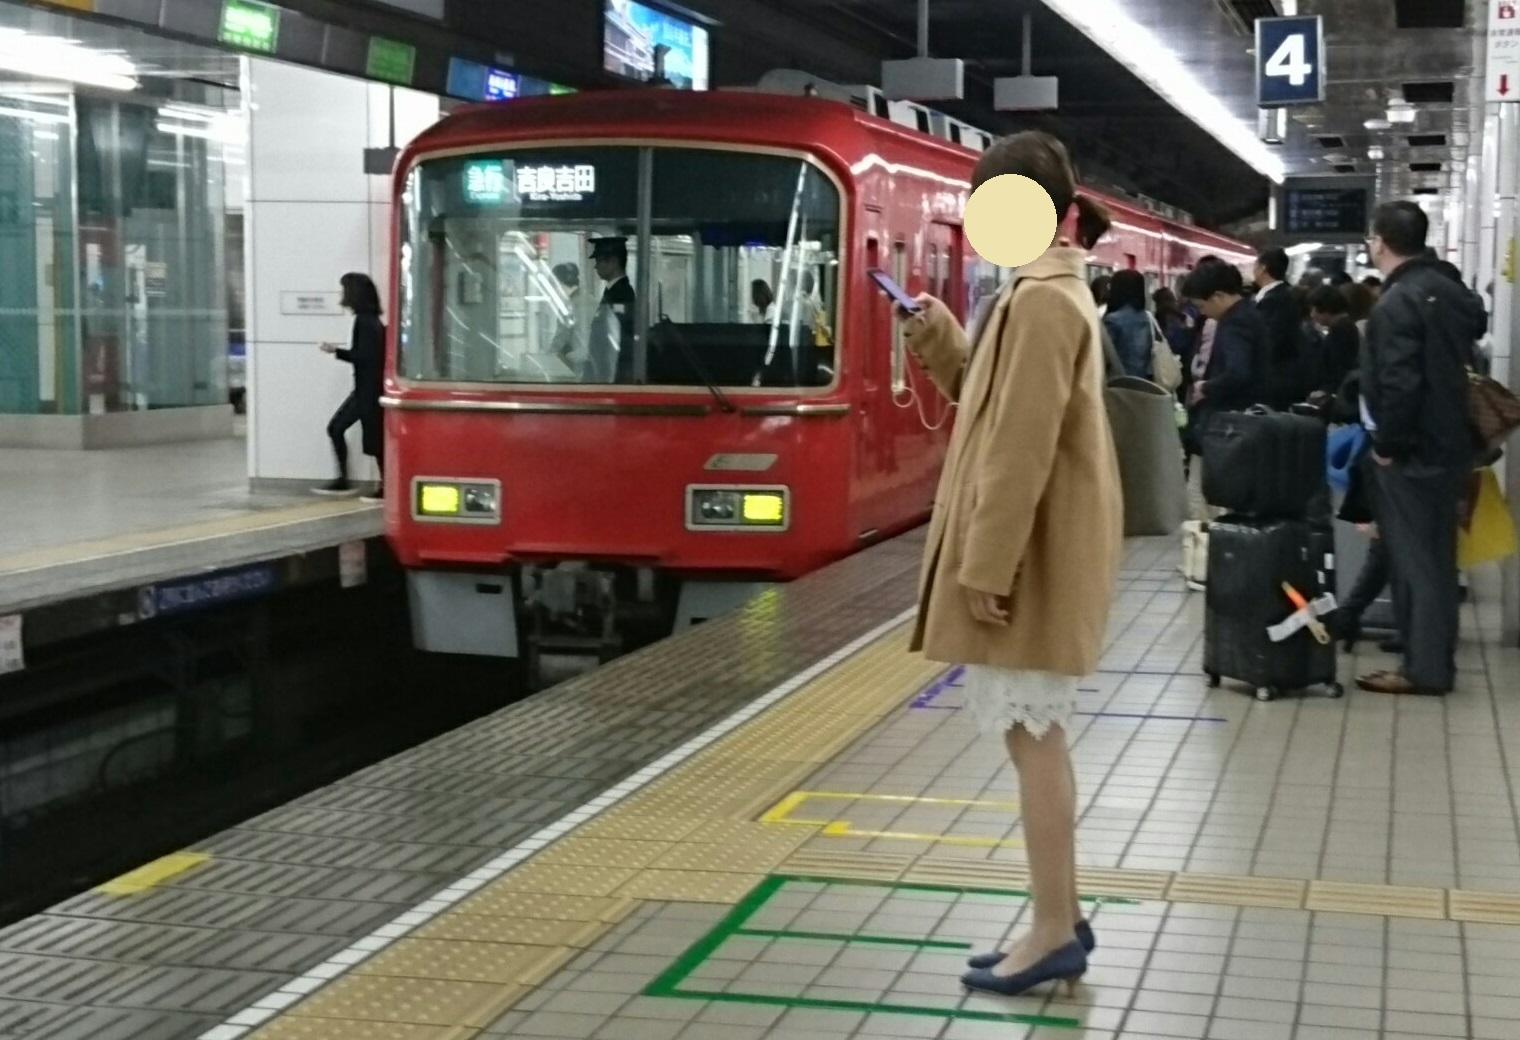 2017.4.4 (2) 名古屋 - 吉良吉田いき急行 1520-1040